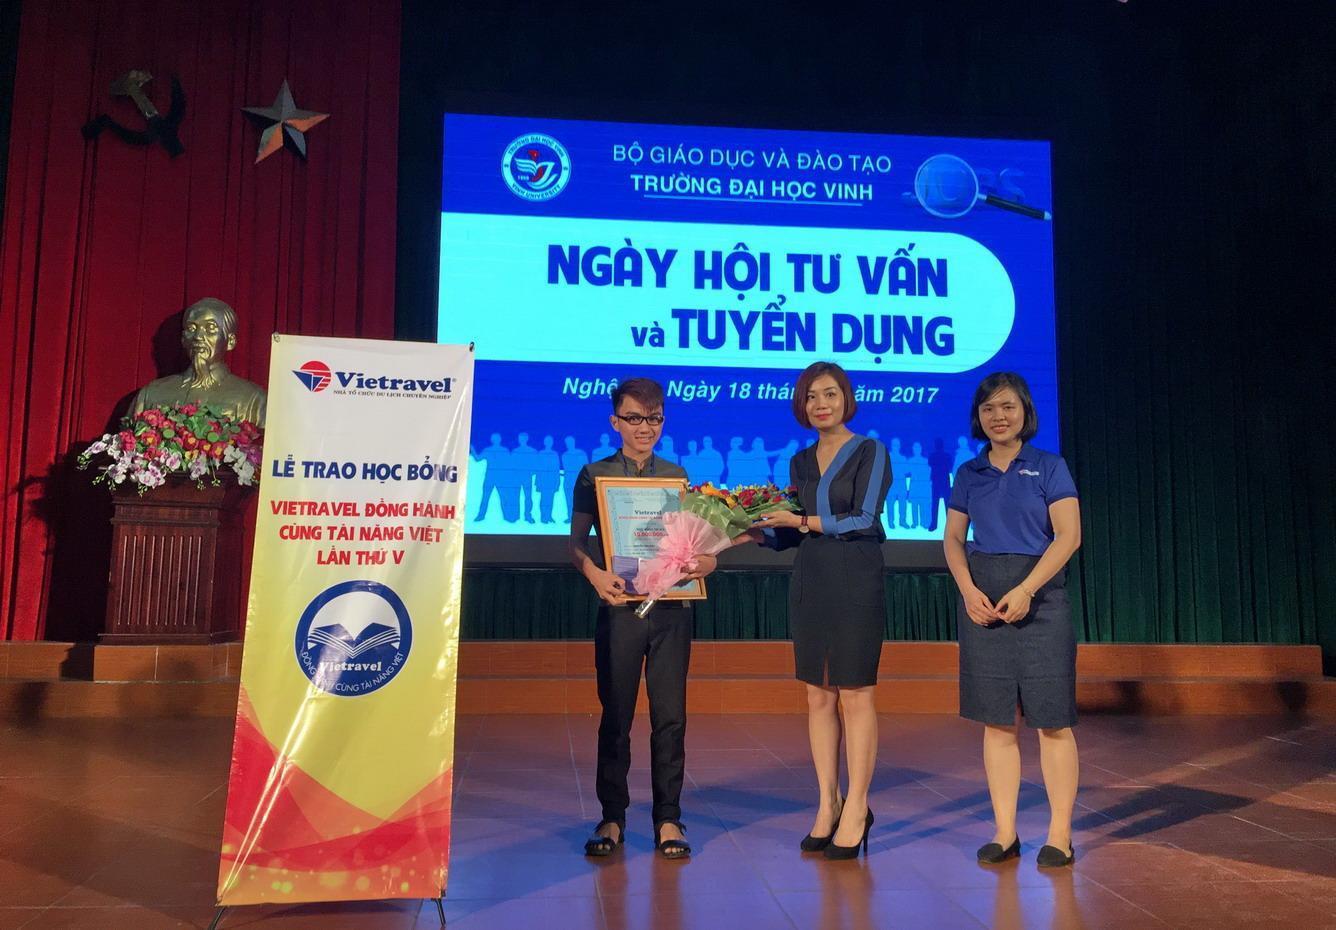 """Lễ trao học bổng """"Vietravel đồng hành cùng tài năng Việt"""" lần 5 - 2017 tại TP. Vinh"""